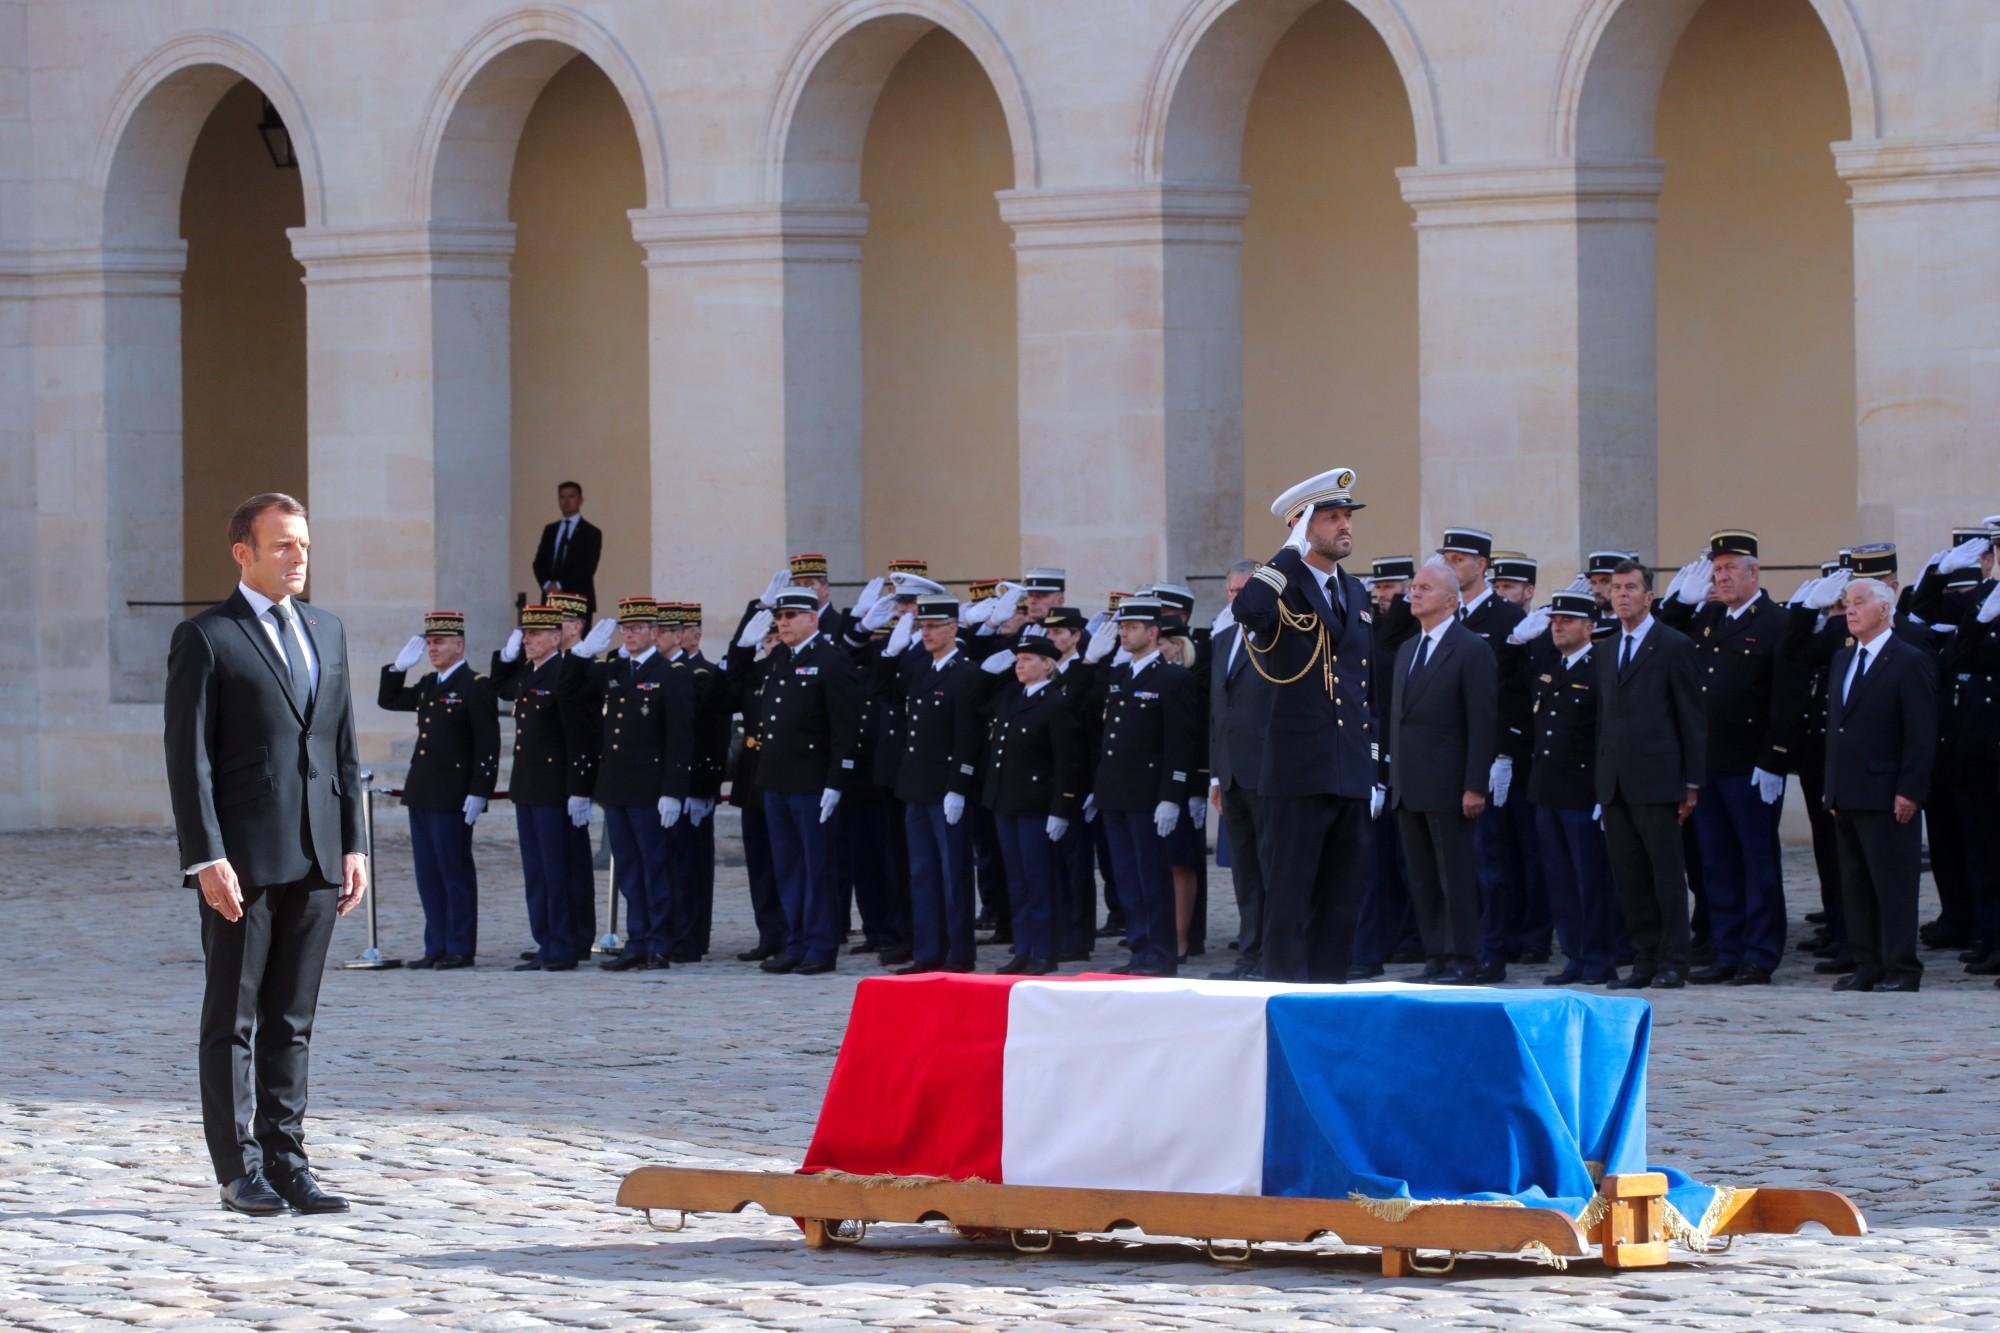 جنازة رسمية وتكريم وطني لجاك شيراك بحضور العديد من الشخصيات الأجنبية